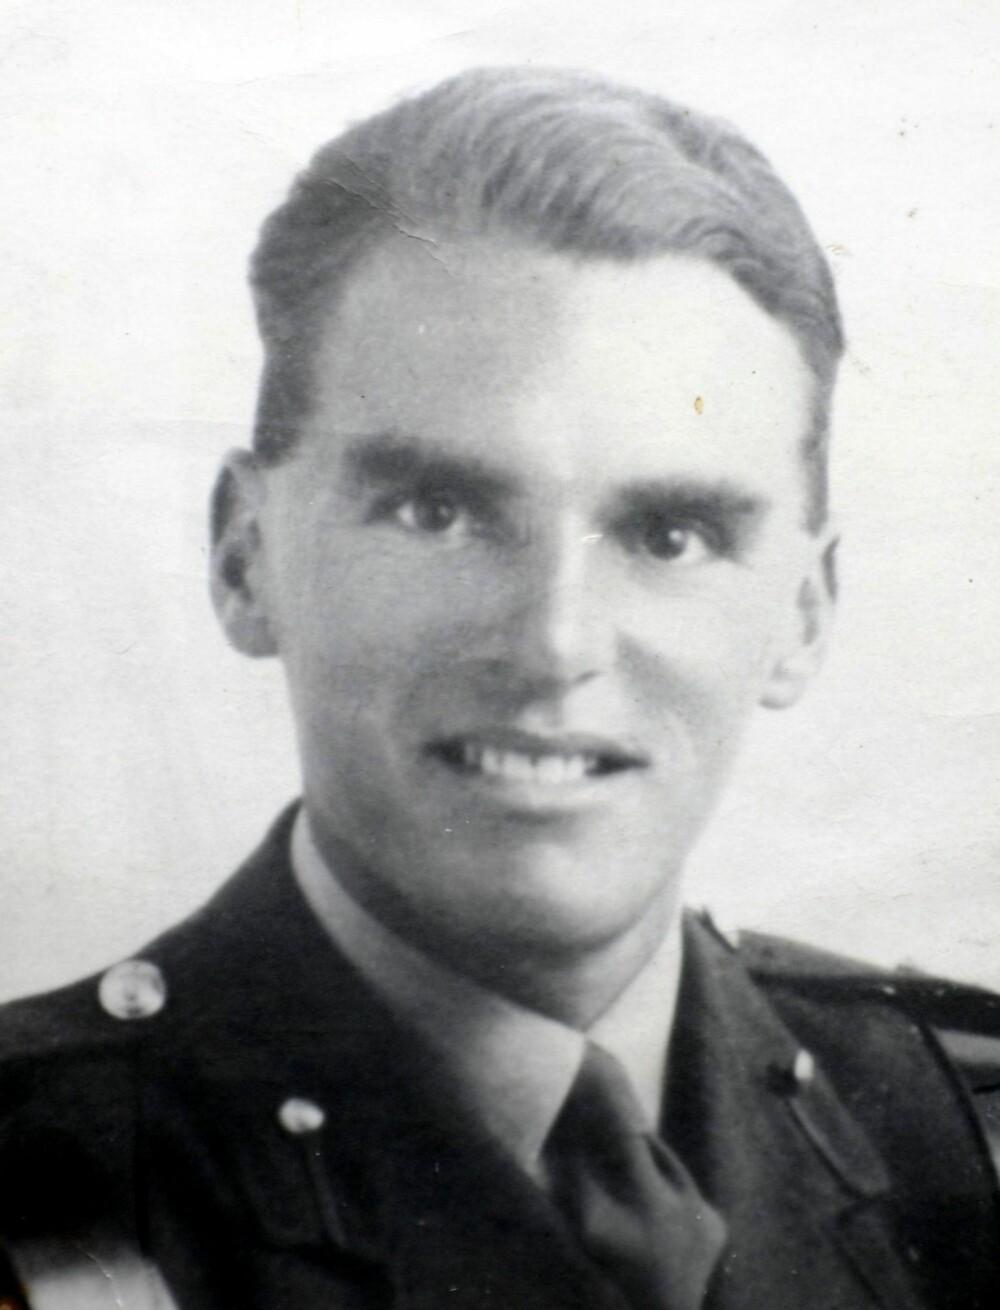 Løytnant Den Brotheridge fotografert i 1944.